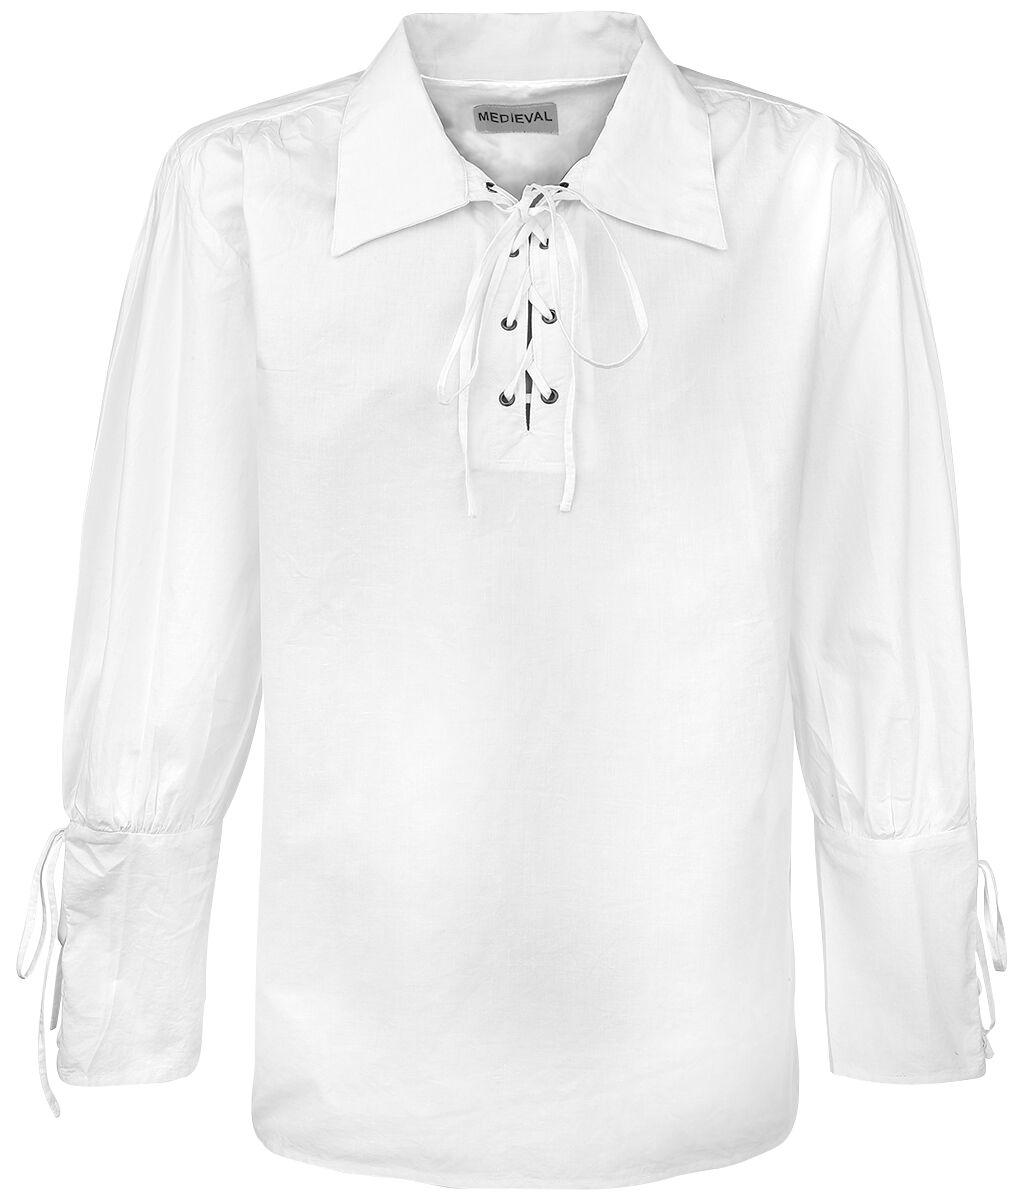 Motyw - Koszule z długim rękawem - Koszula Medieval Koszula z wiązaniem Koszula biały - 315080